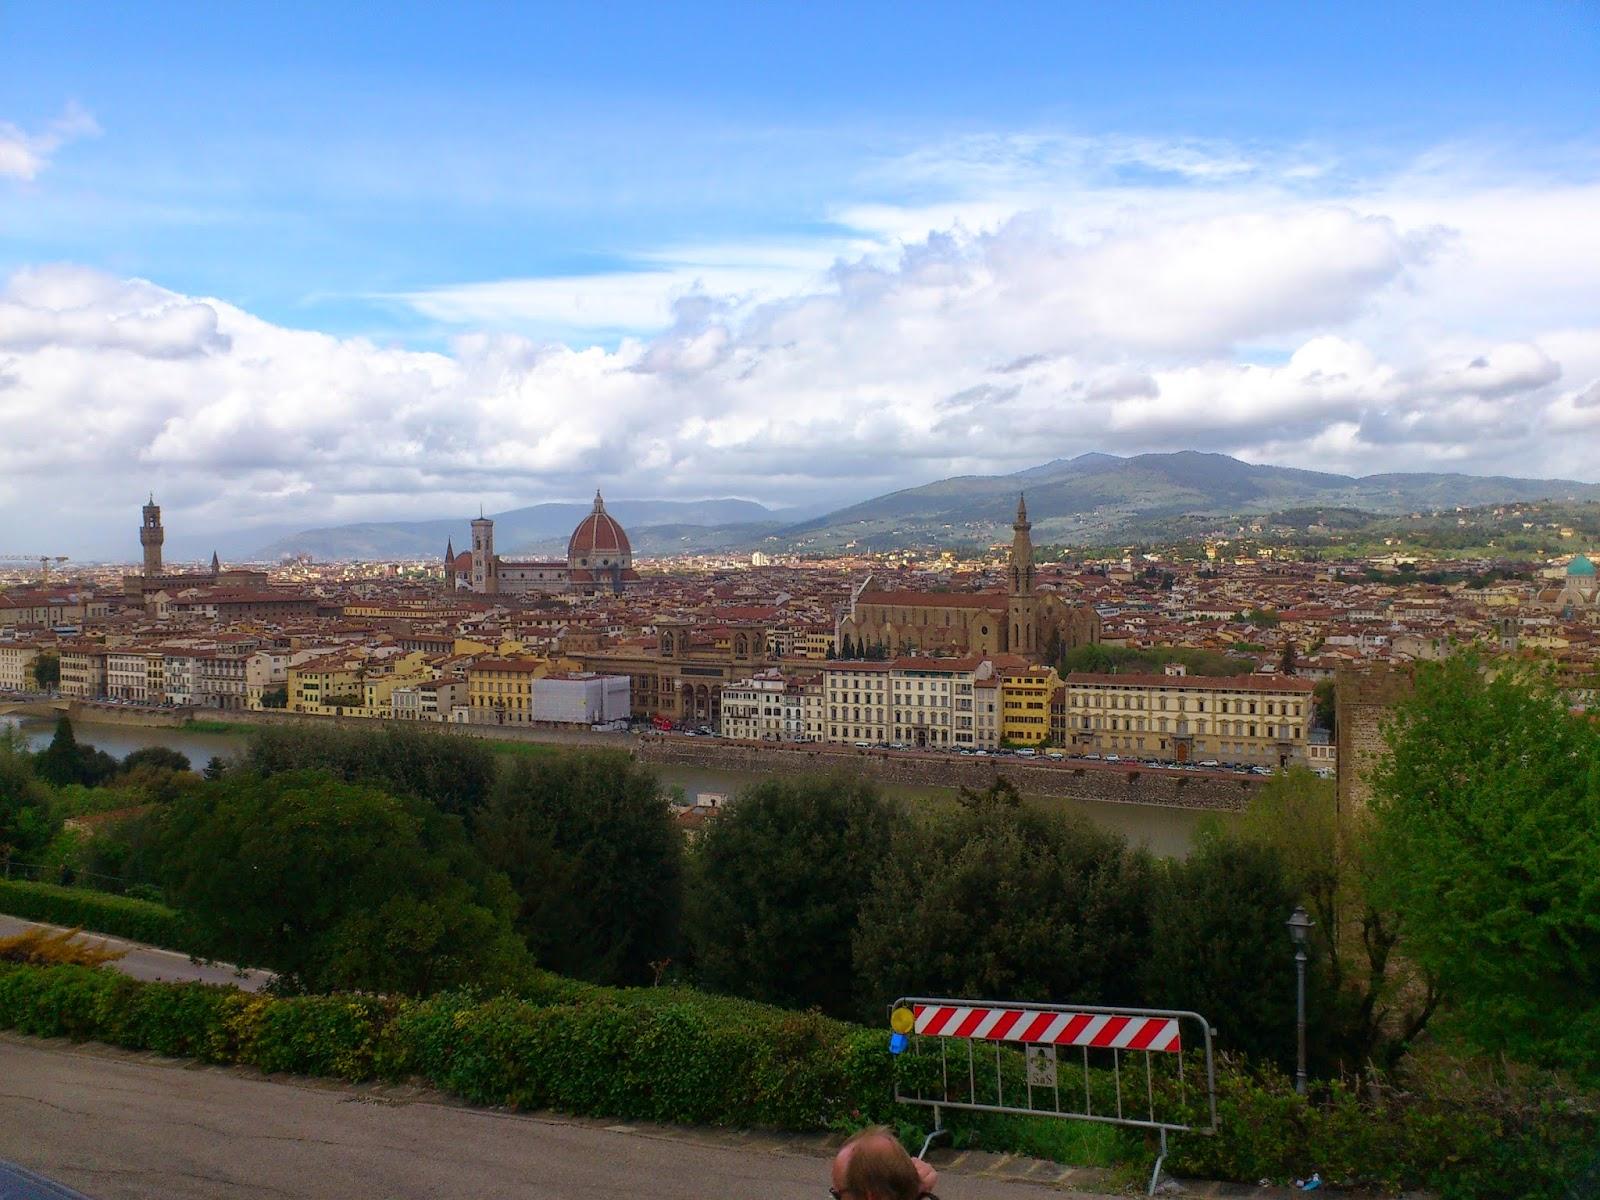 Vista de Florença - Itália. Duomo di Firenze e Palazzo Vecchio